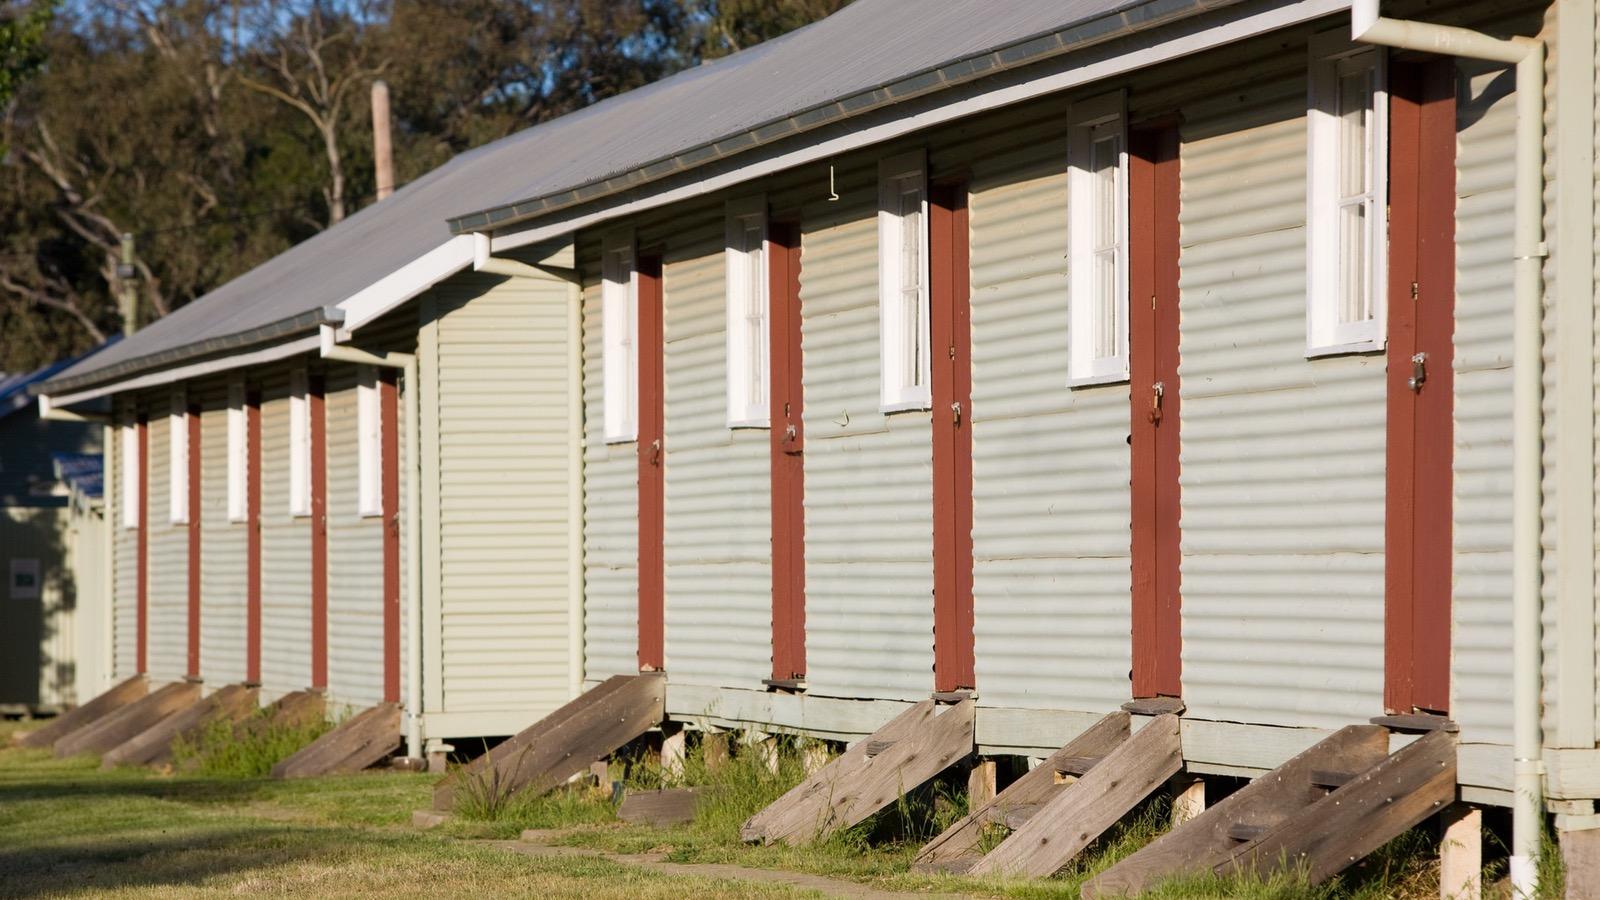 Remnant hut at Block 19